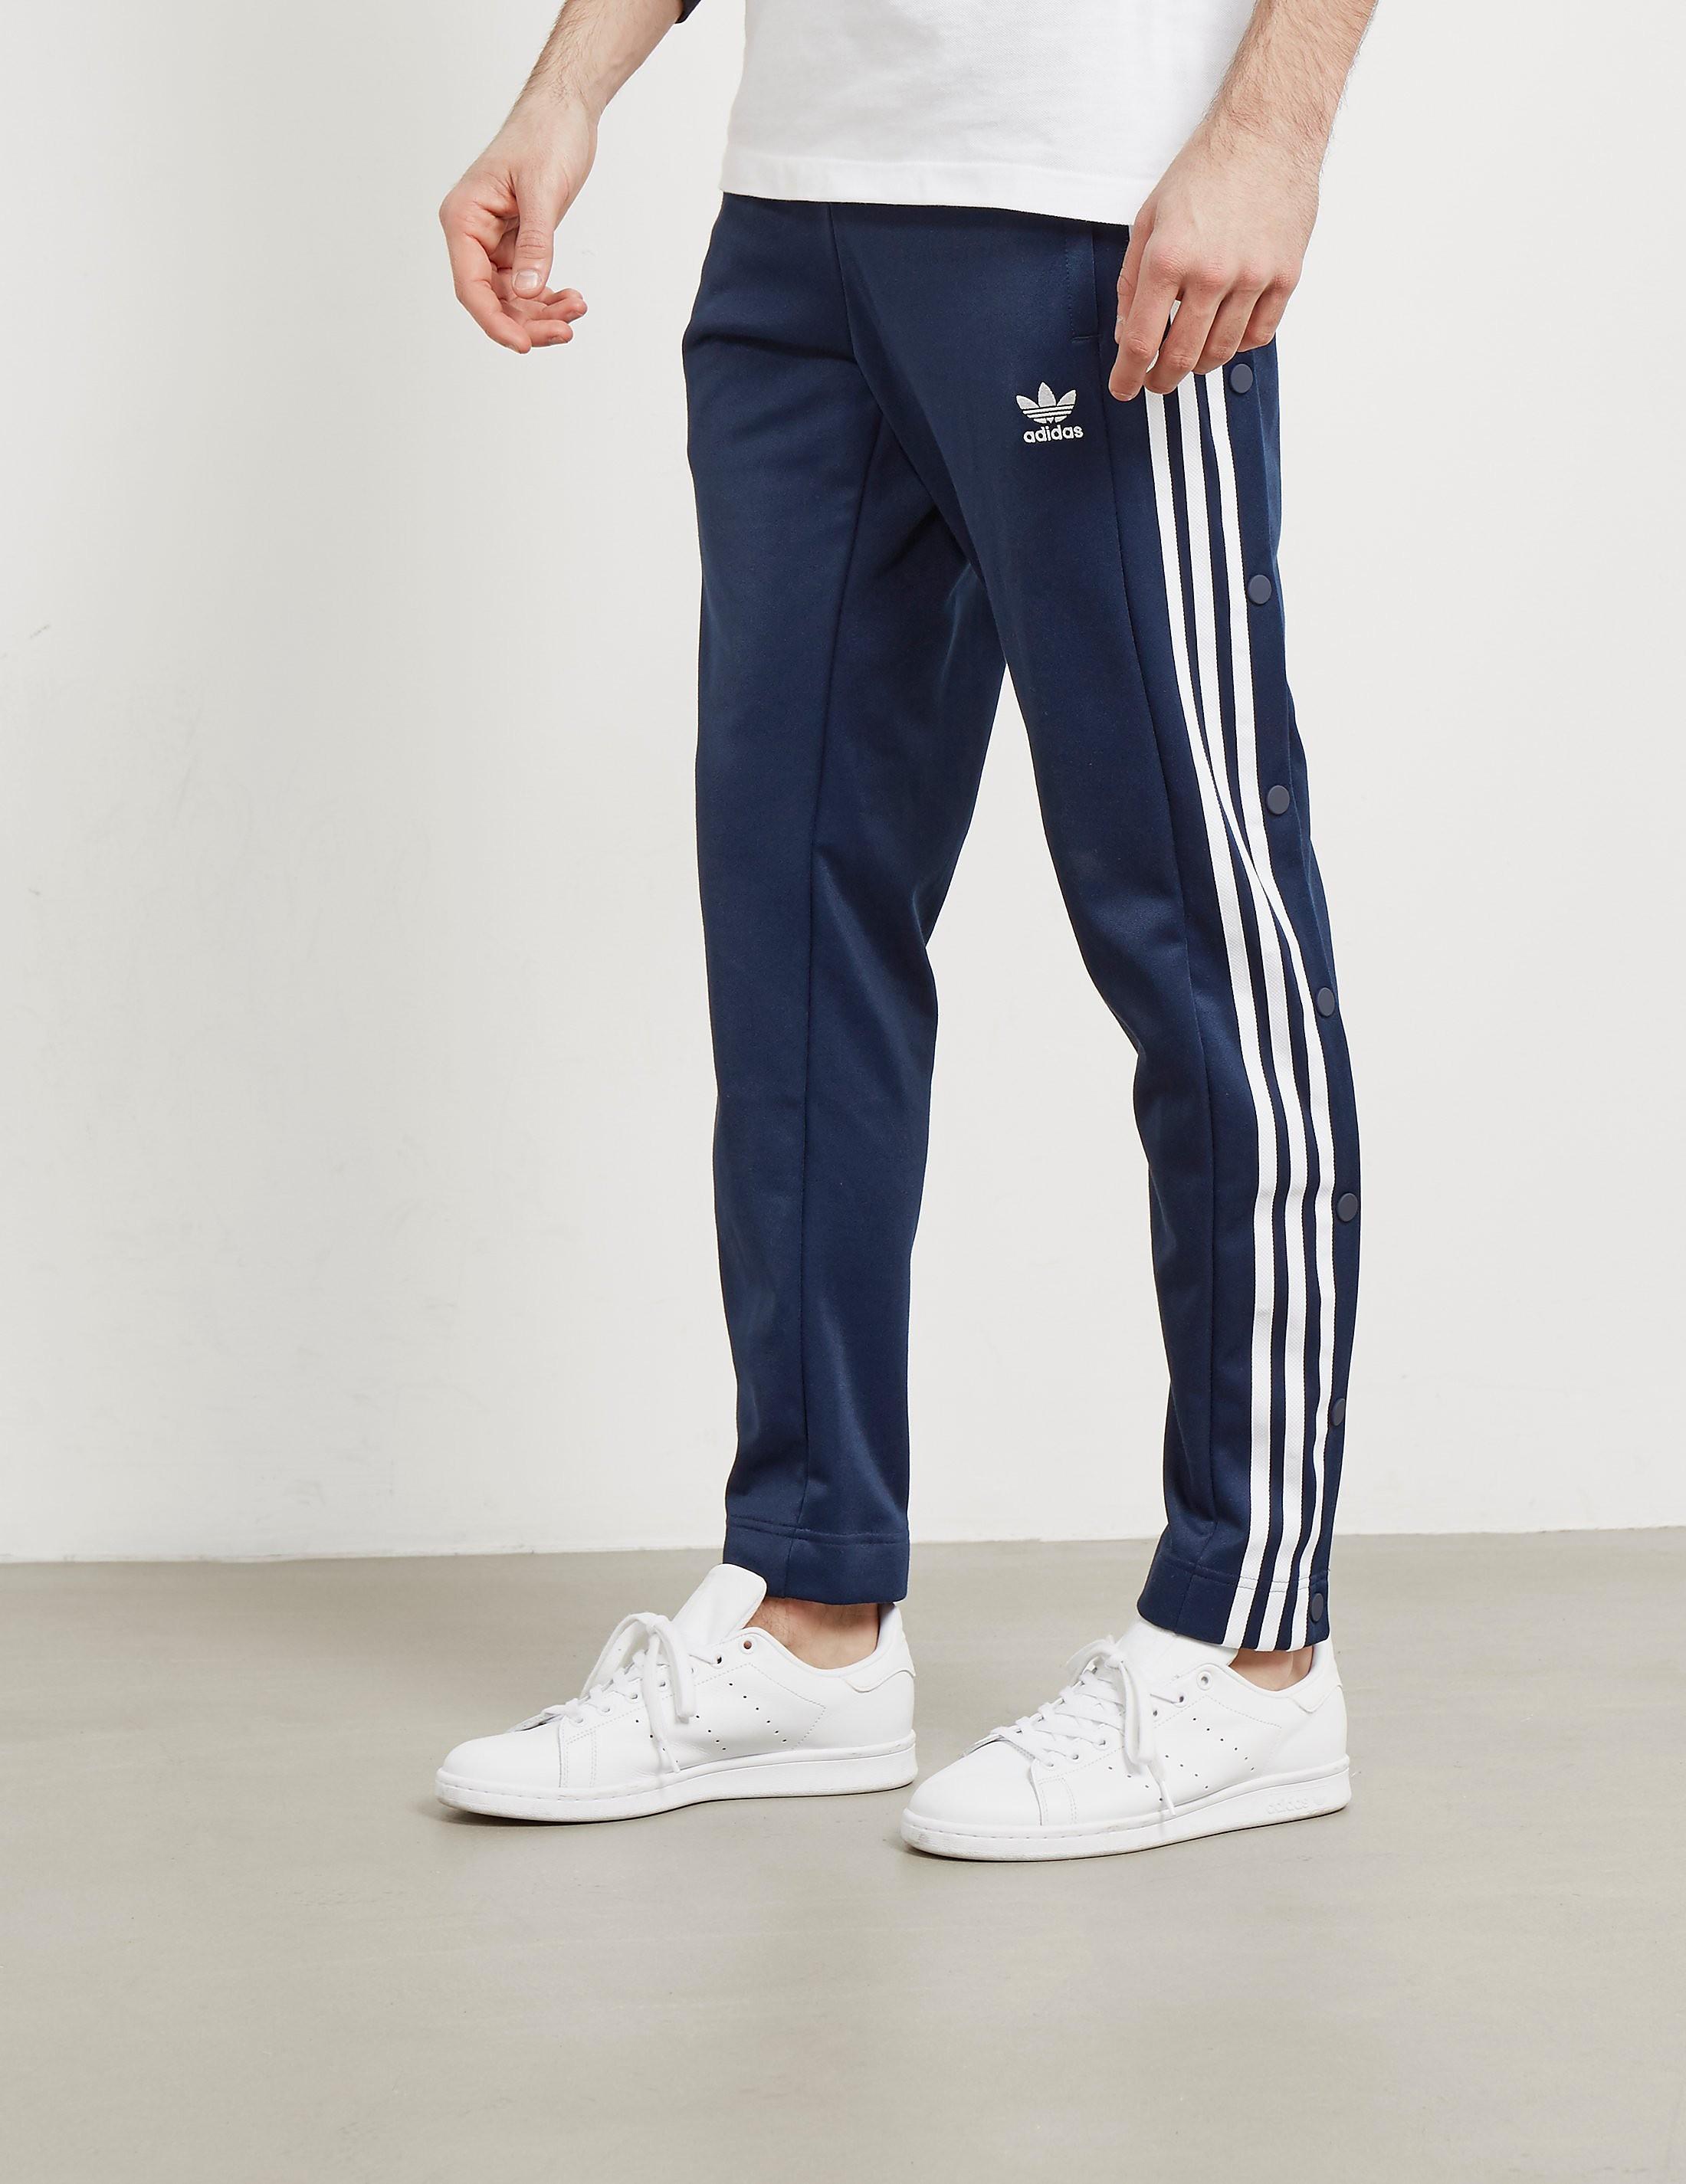 brand new 8deb7 82a8a Mens adidas Originals Adibreak Snap Track Pants Navy blue, Navy blue